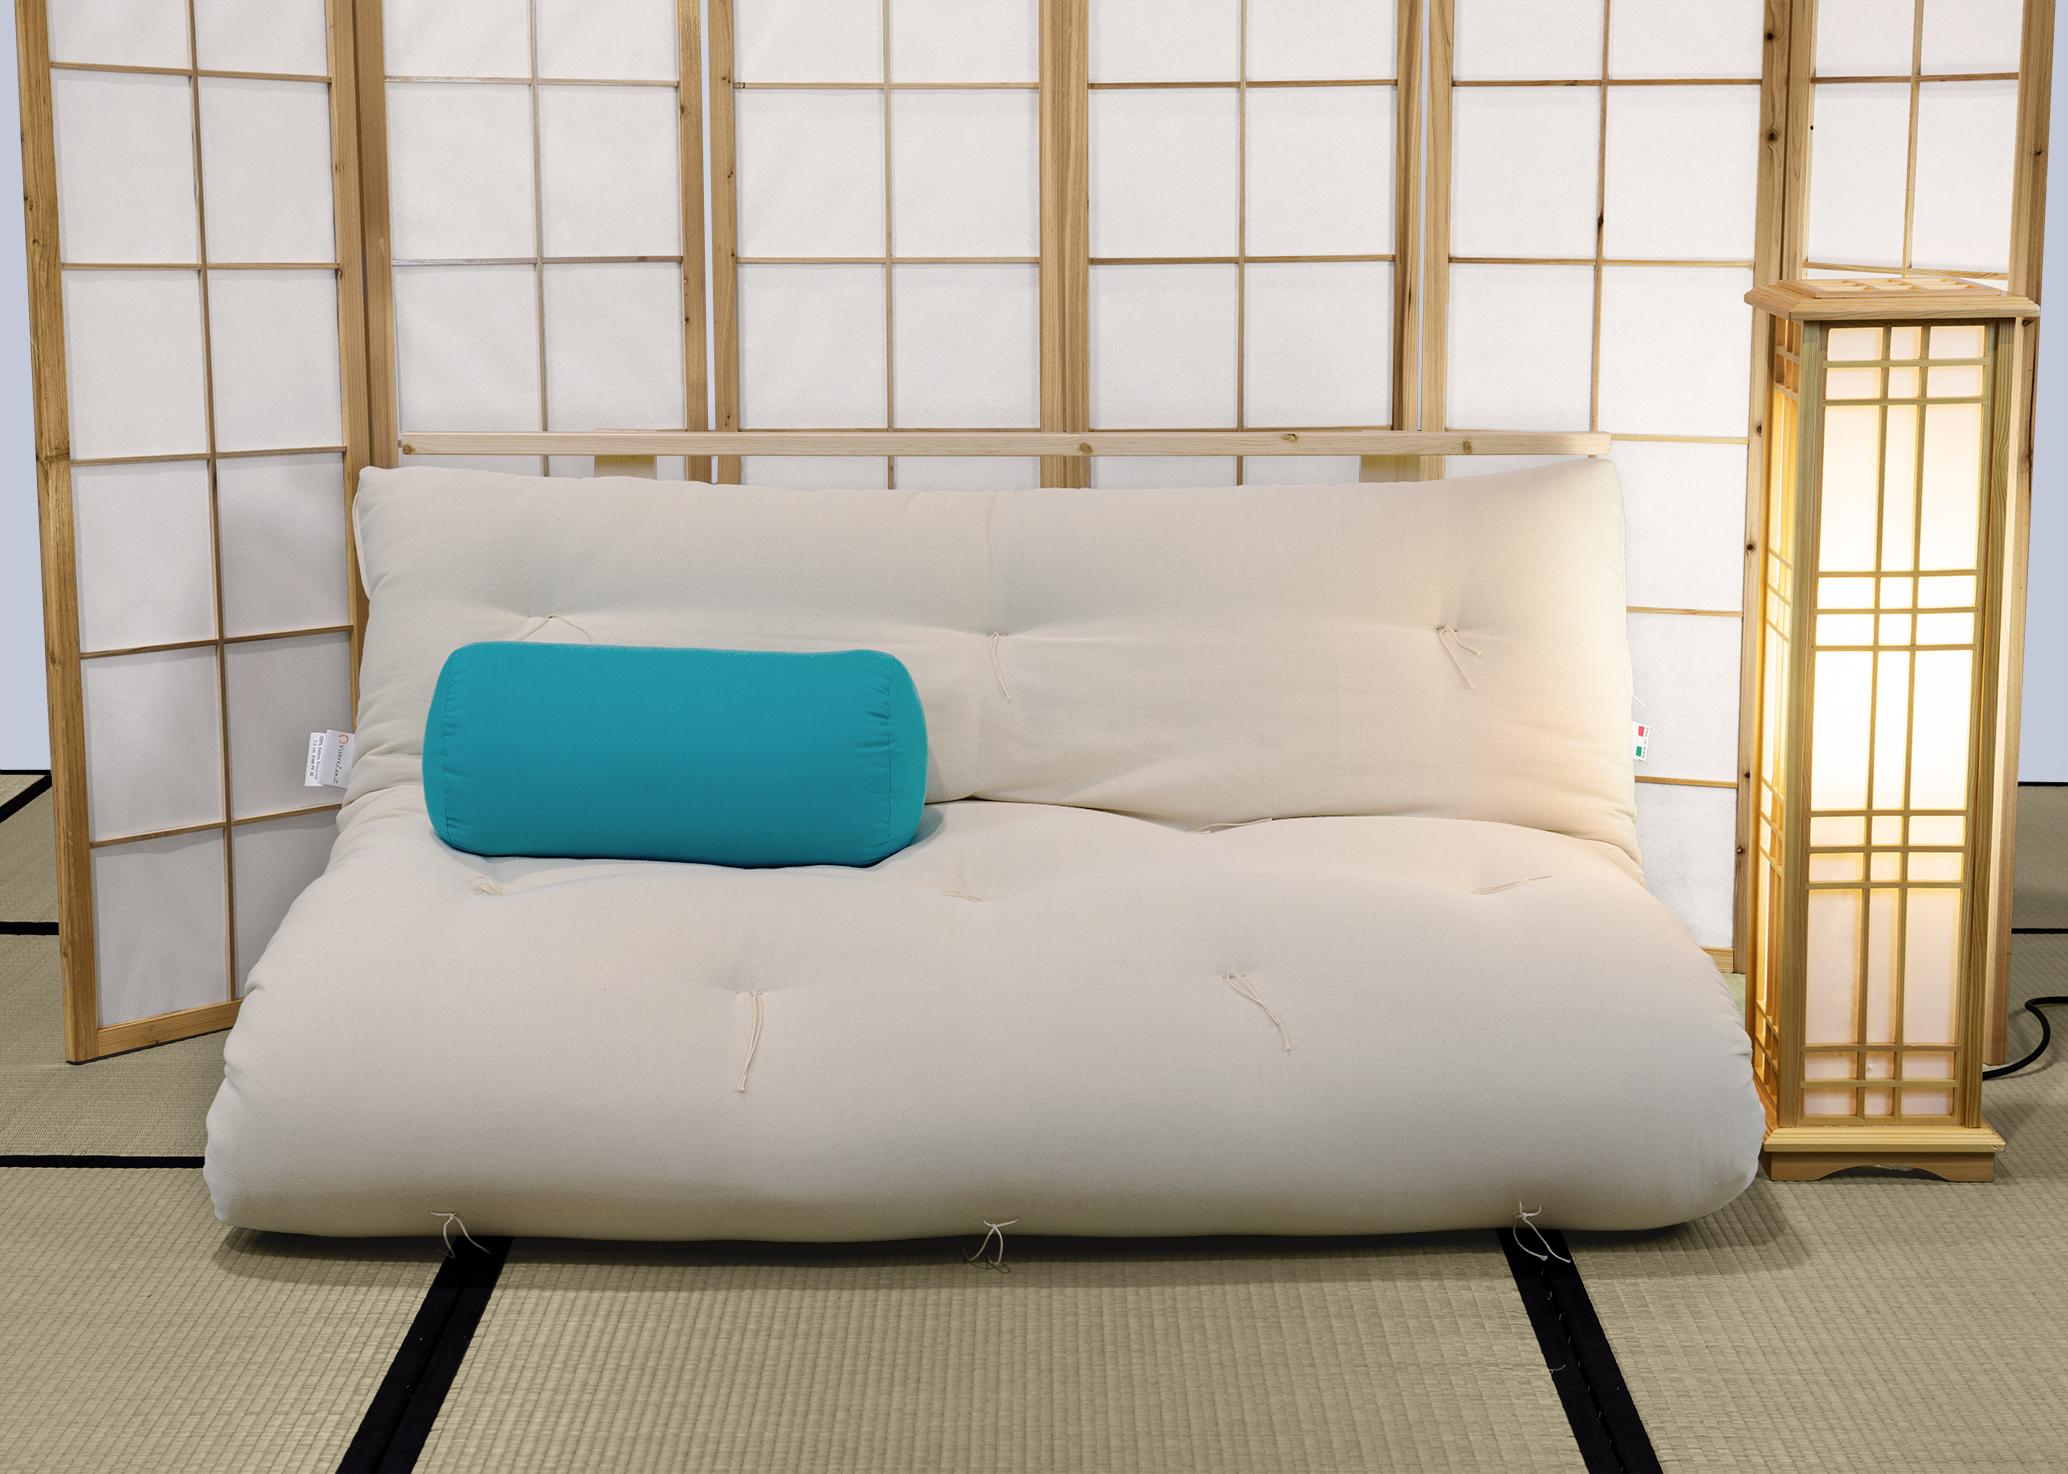 Sesso bio cosa si prova a farlo su un futon di cortecce - Fare sesso nel letto ...